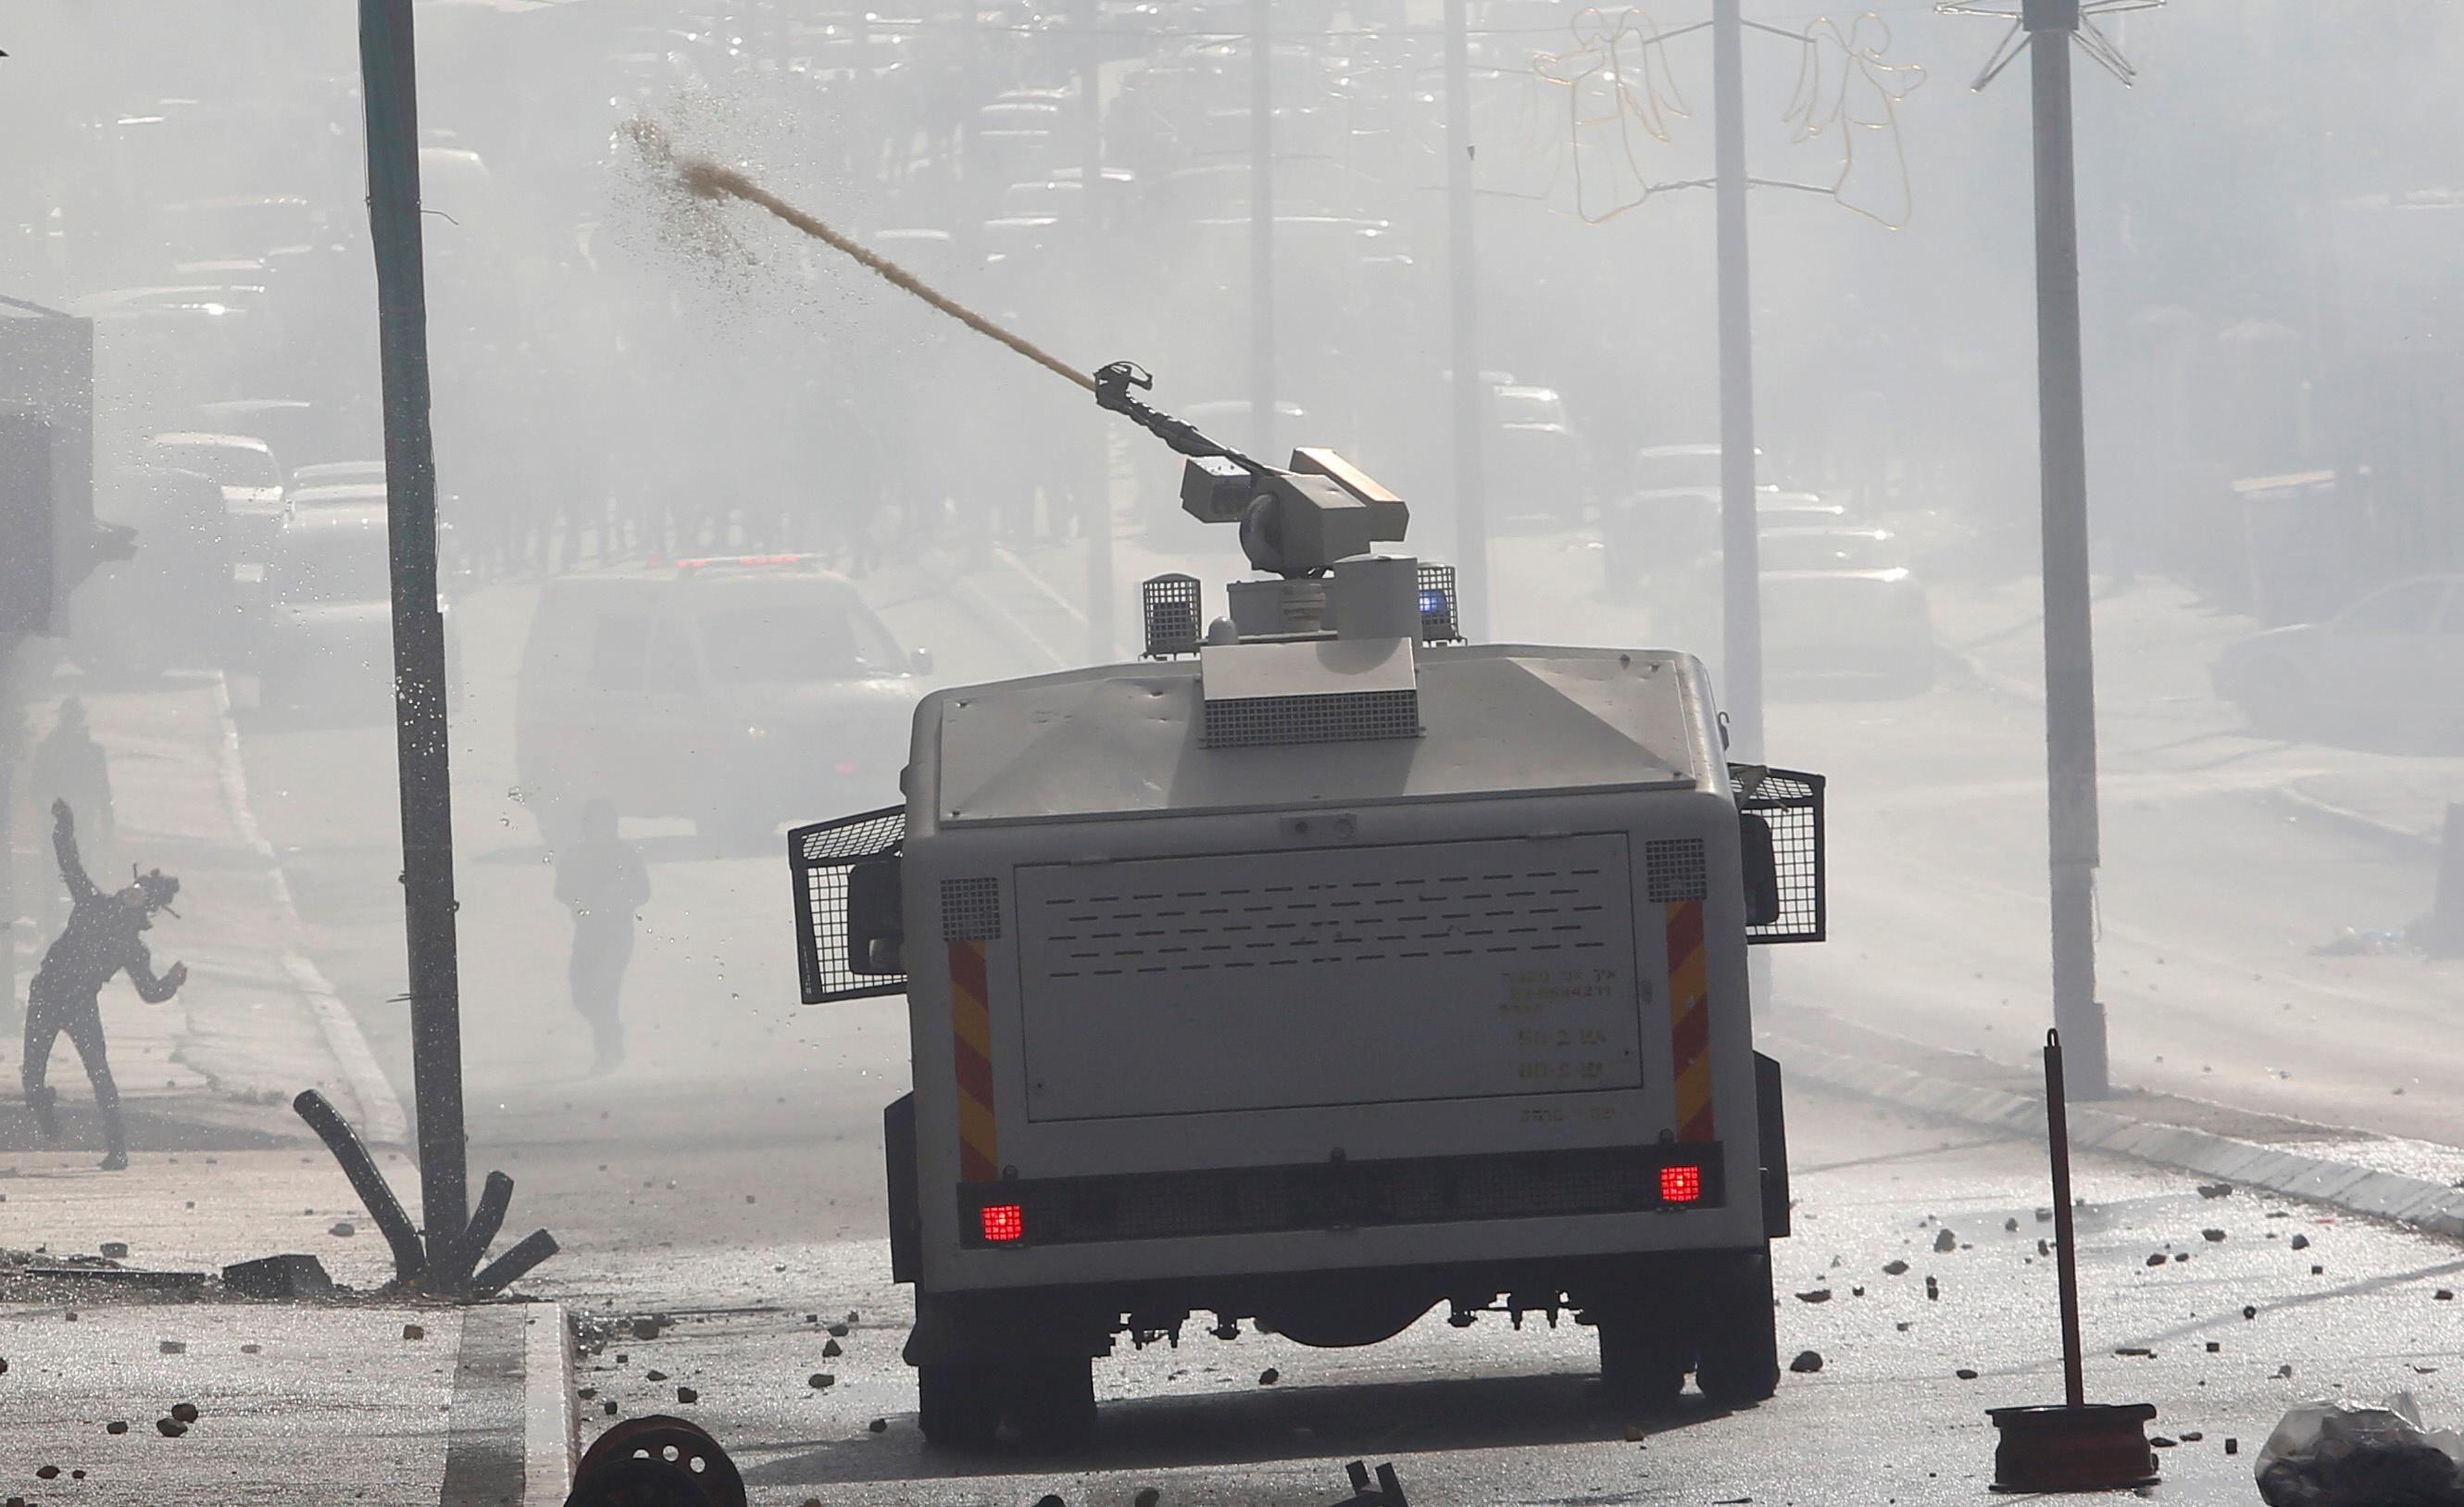 الاحتلال يستخدم سيارات ضخ المياه لتفريق المحتجين